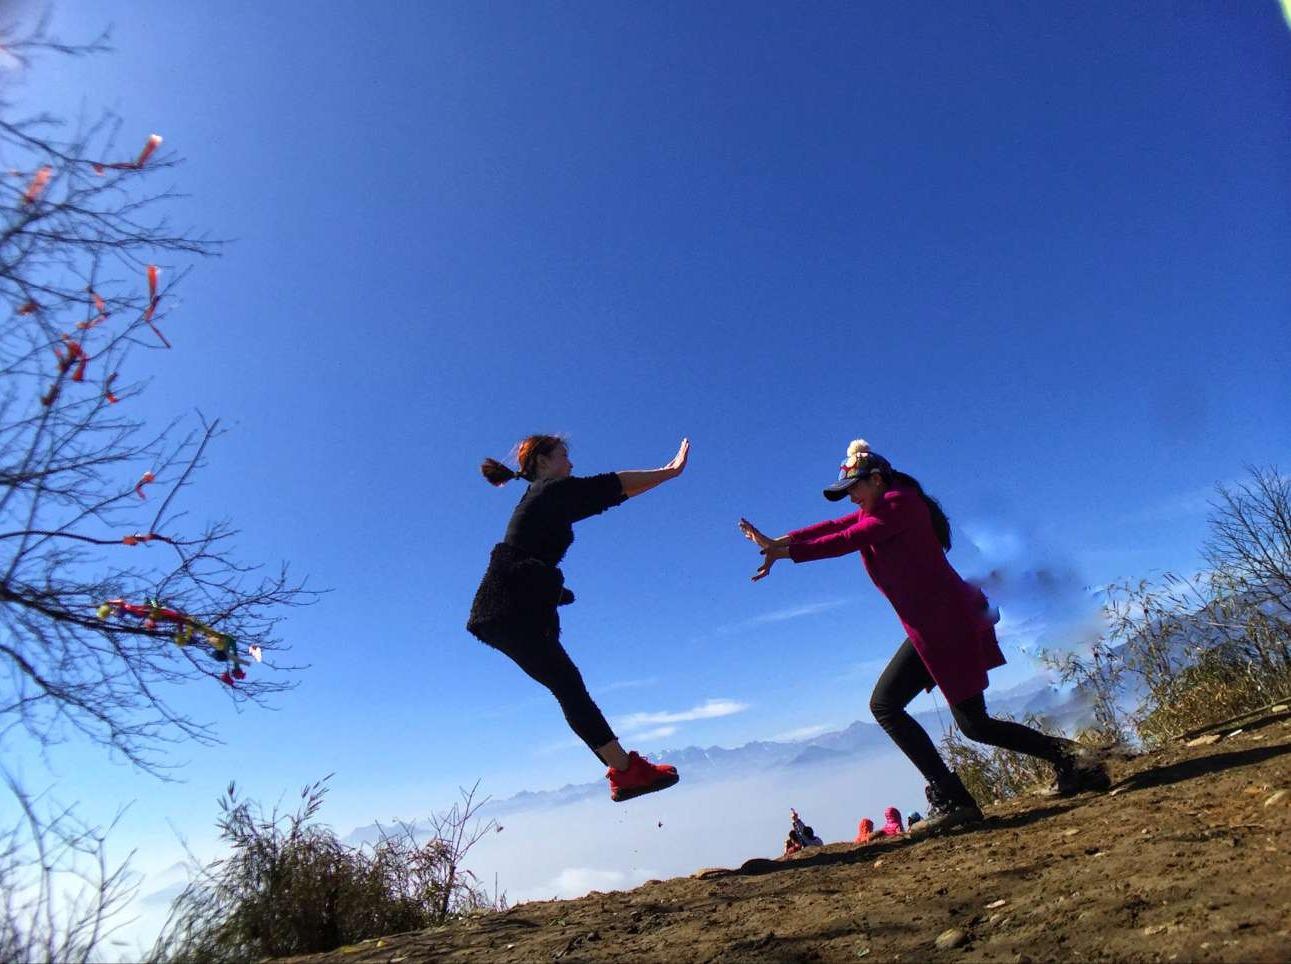 周六登山 赵公山 徒步登山健身吸氧1日游